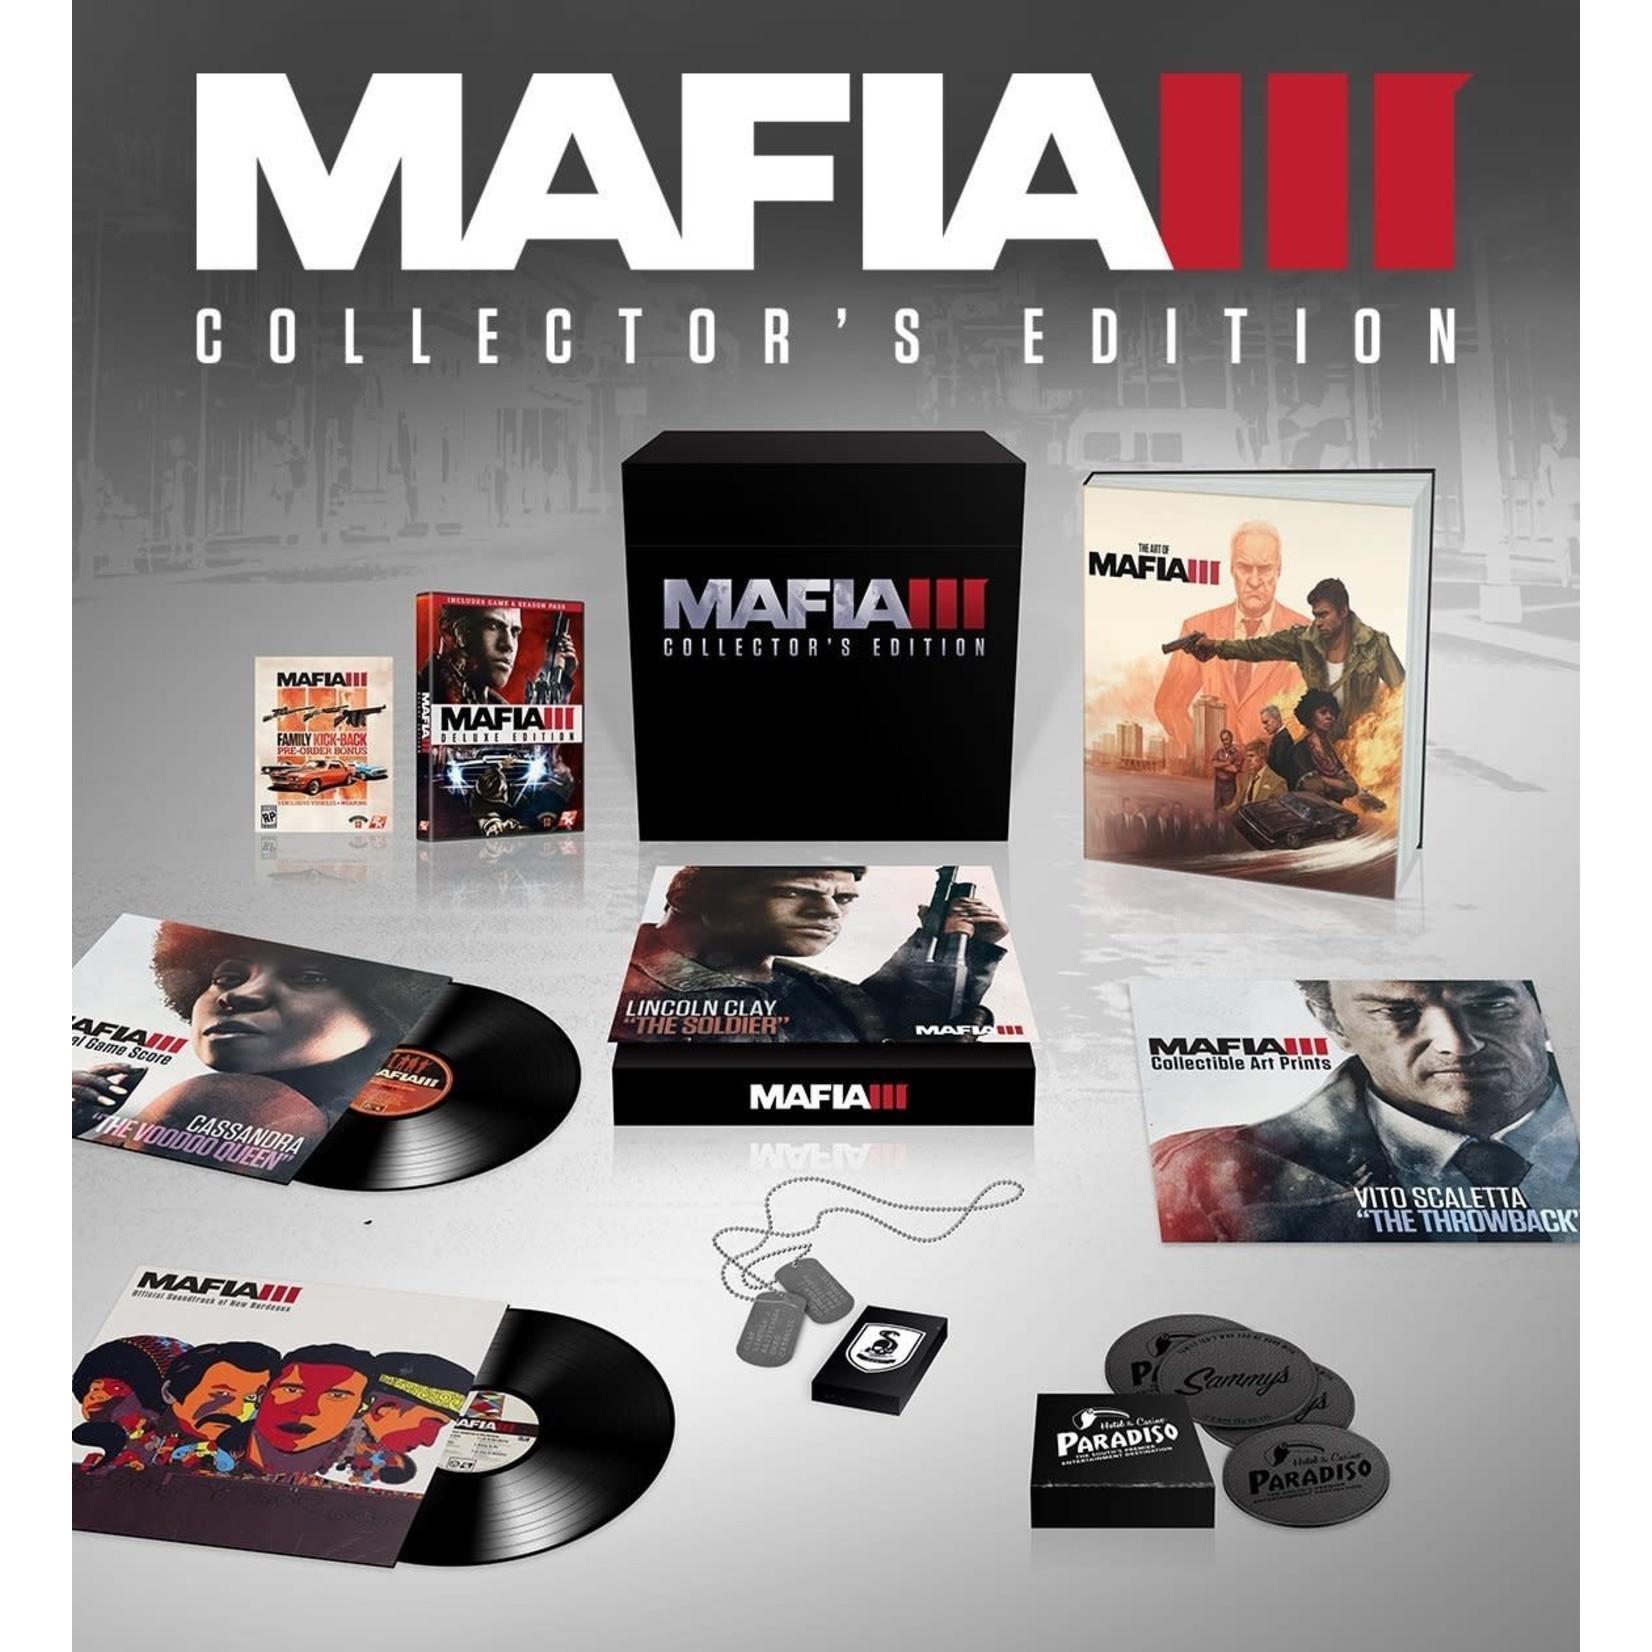 PS4-Mafia 3 Collector's Edition